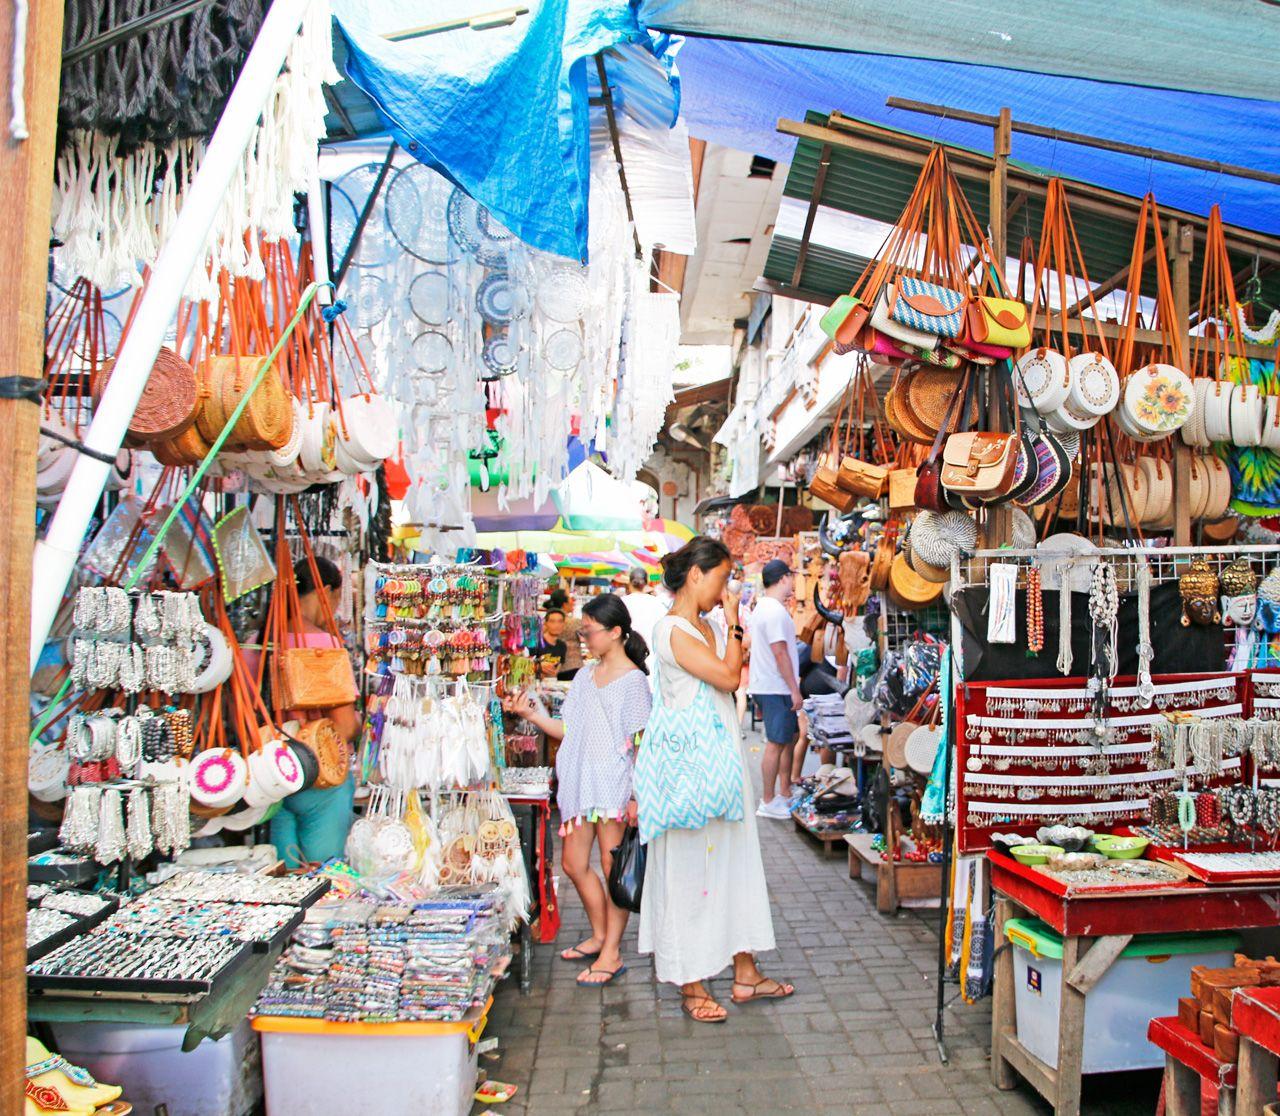 バリ島・ウブドの定番観光スポット!ウブド市場とは